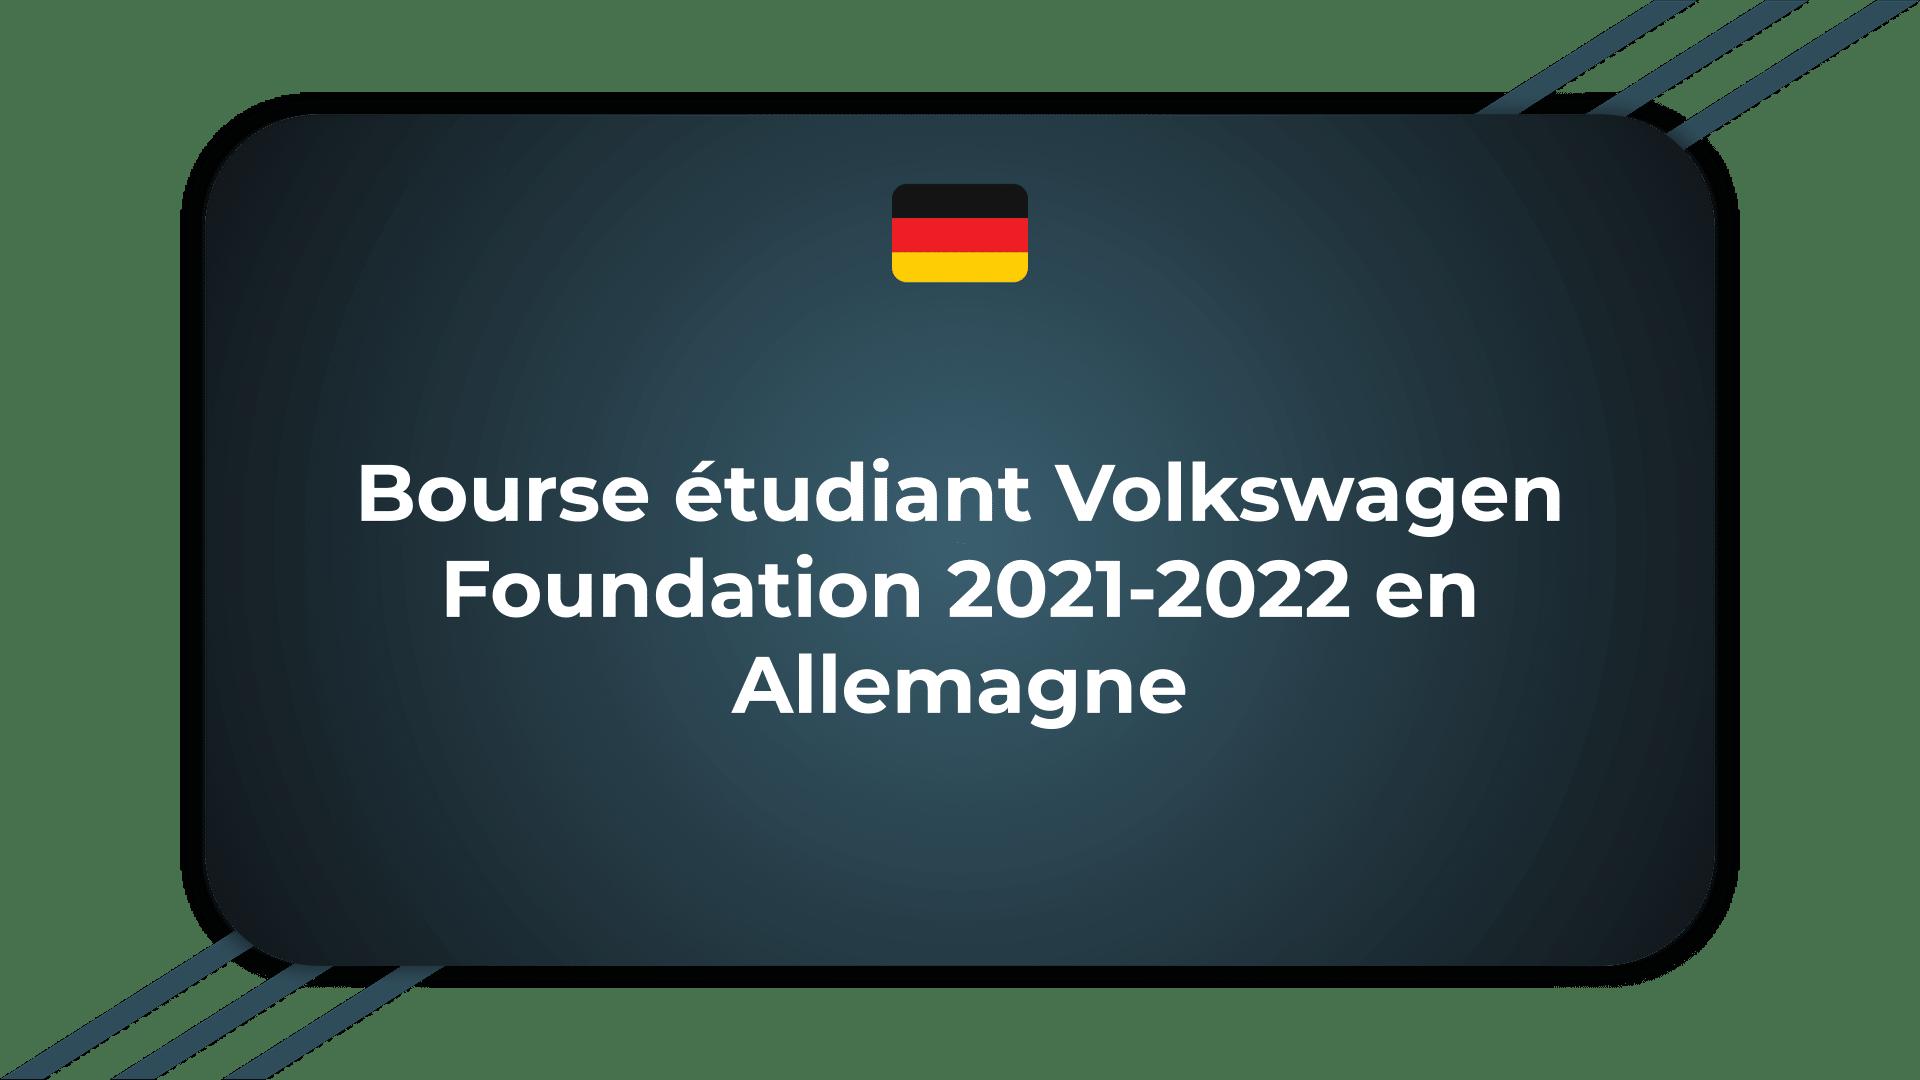 Bourse étudiant Volkswagen Foundation